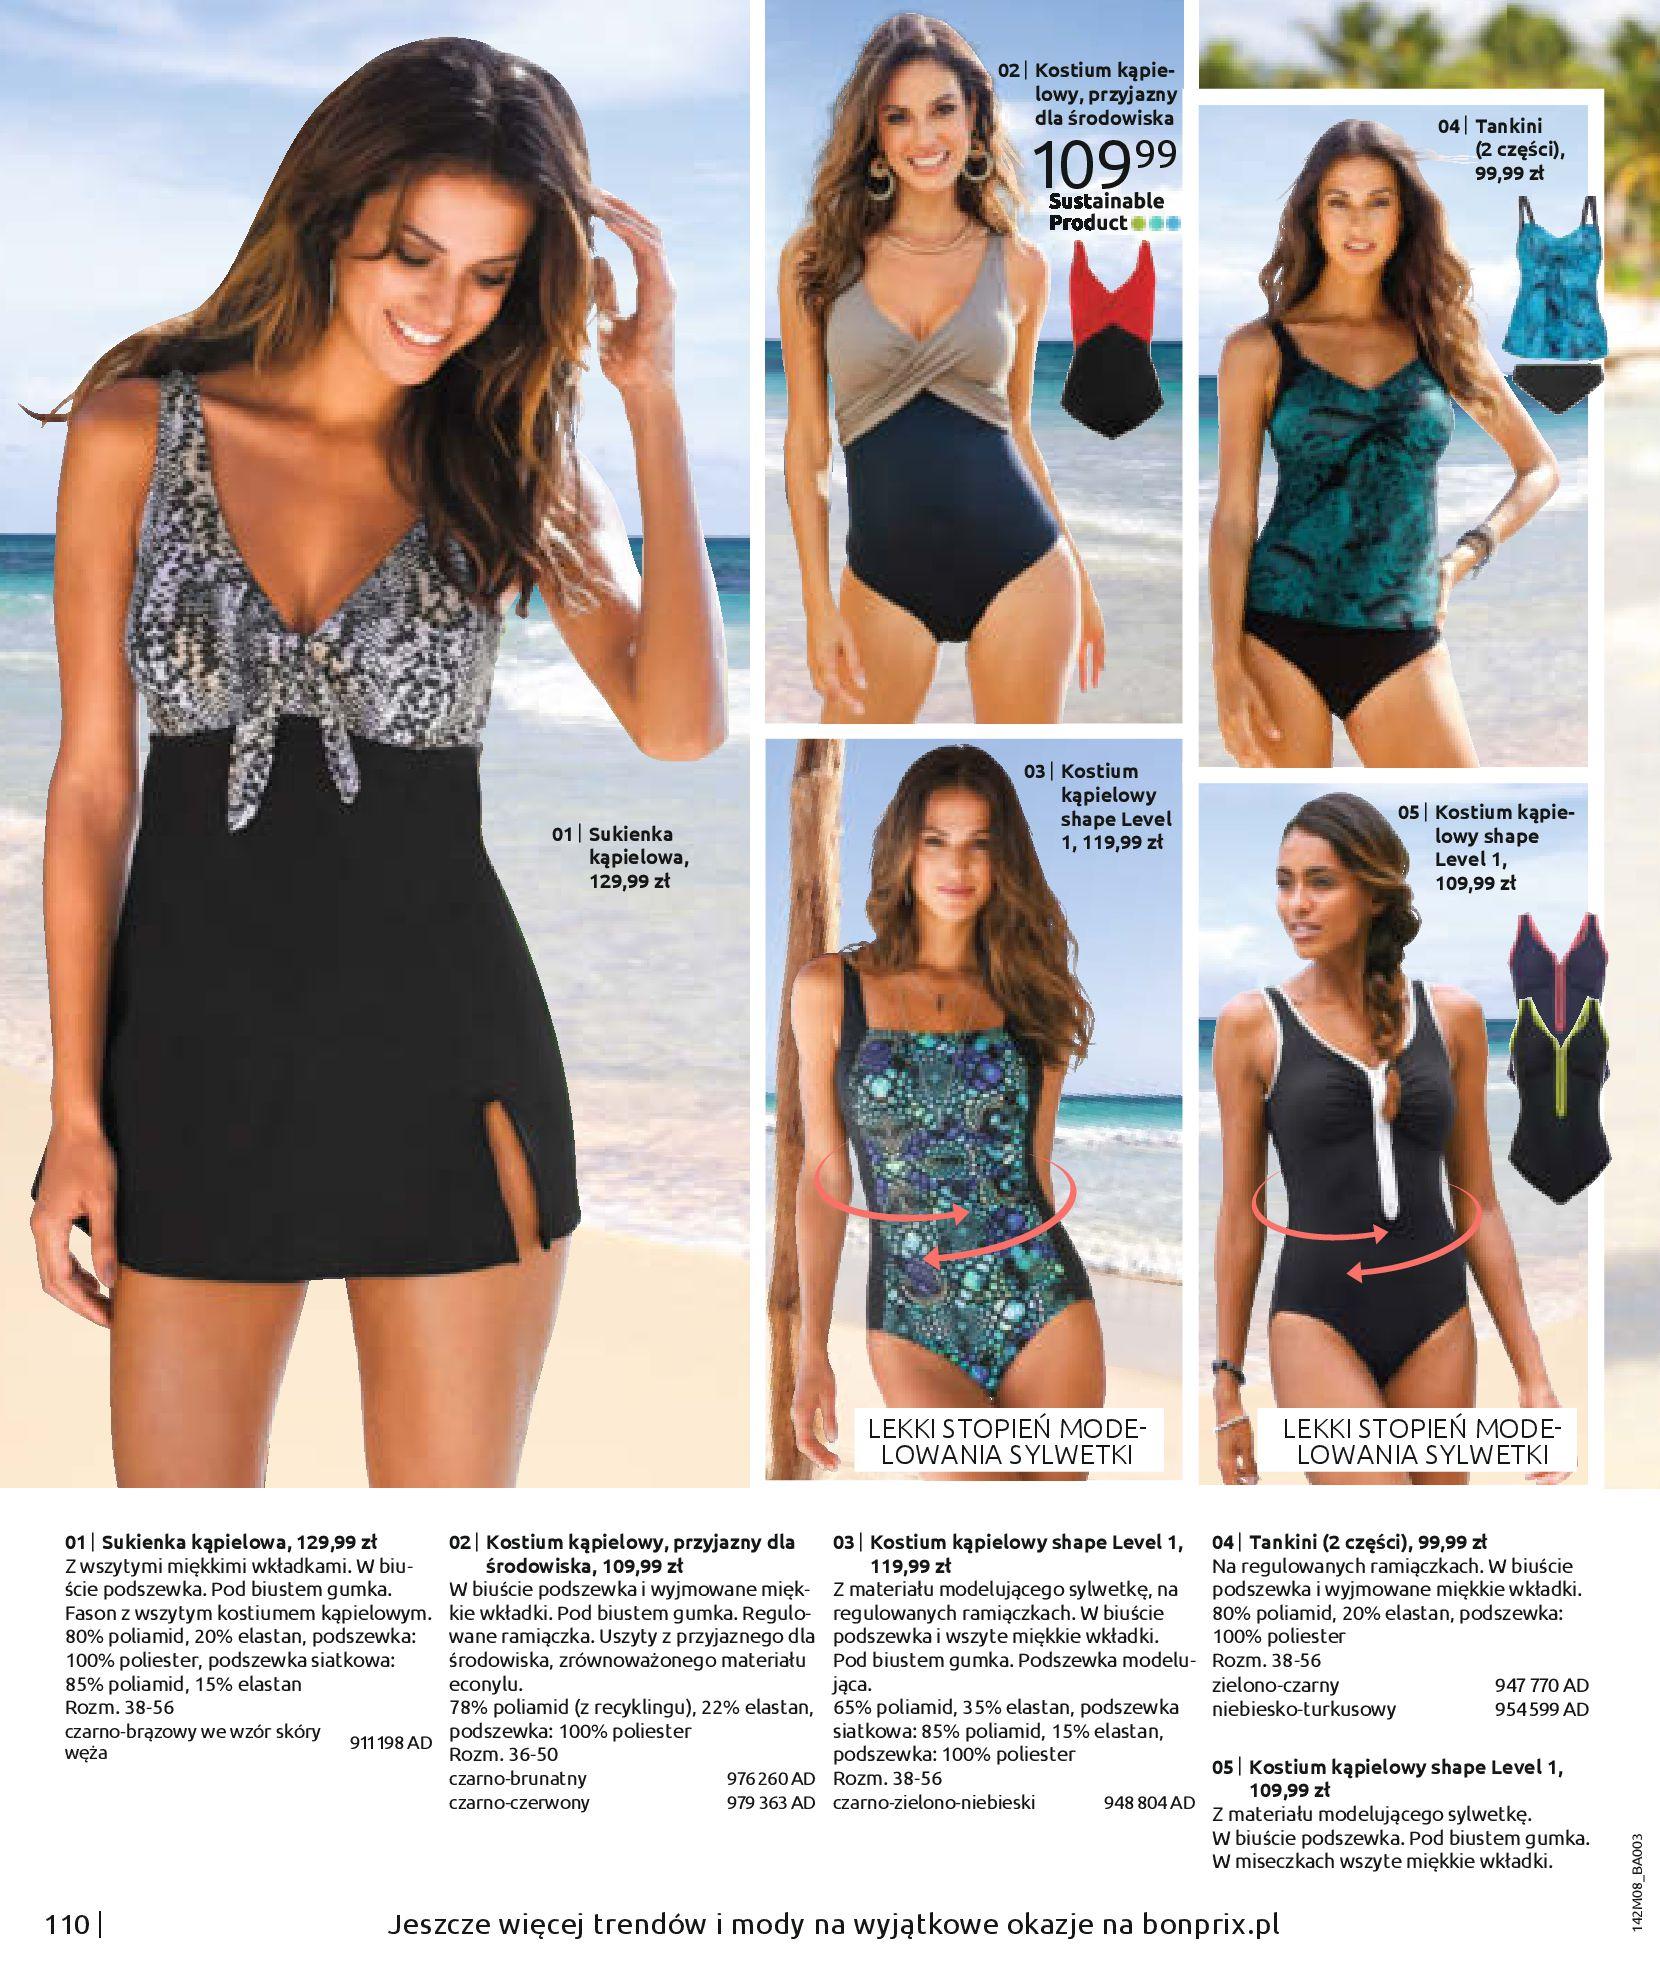 Gazetka Bonprix - Hity dżinsowej mody!-25.08.2020-10.02.2021-page-112